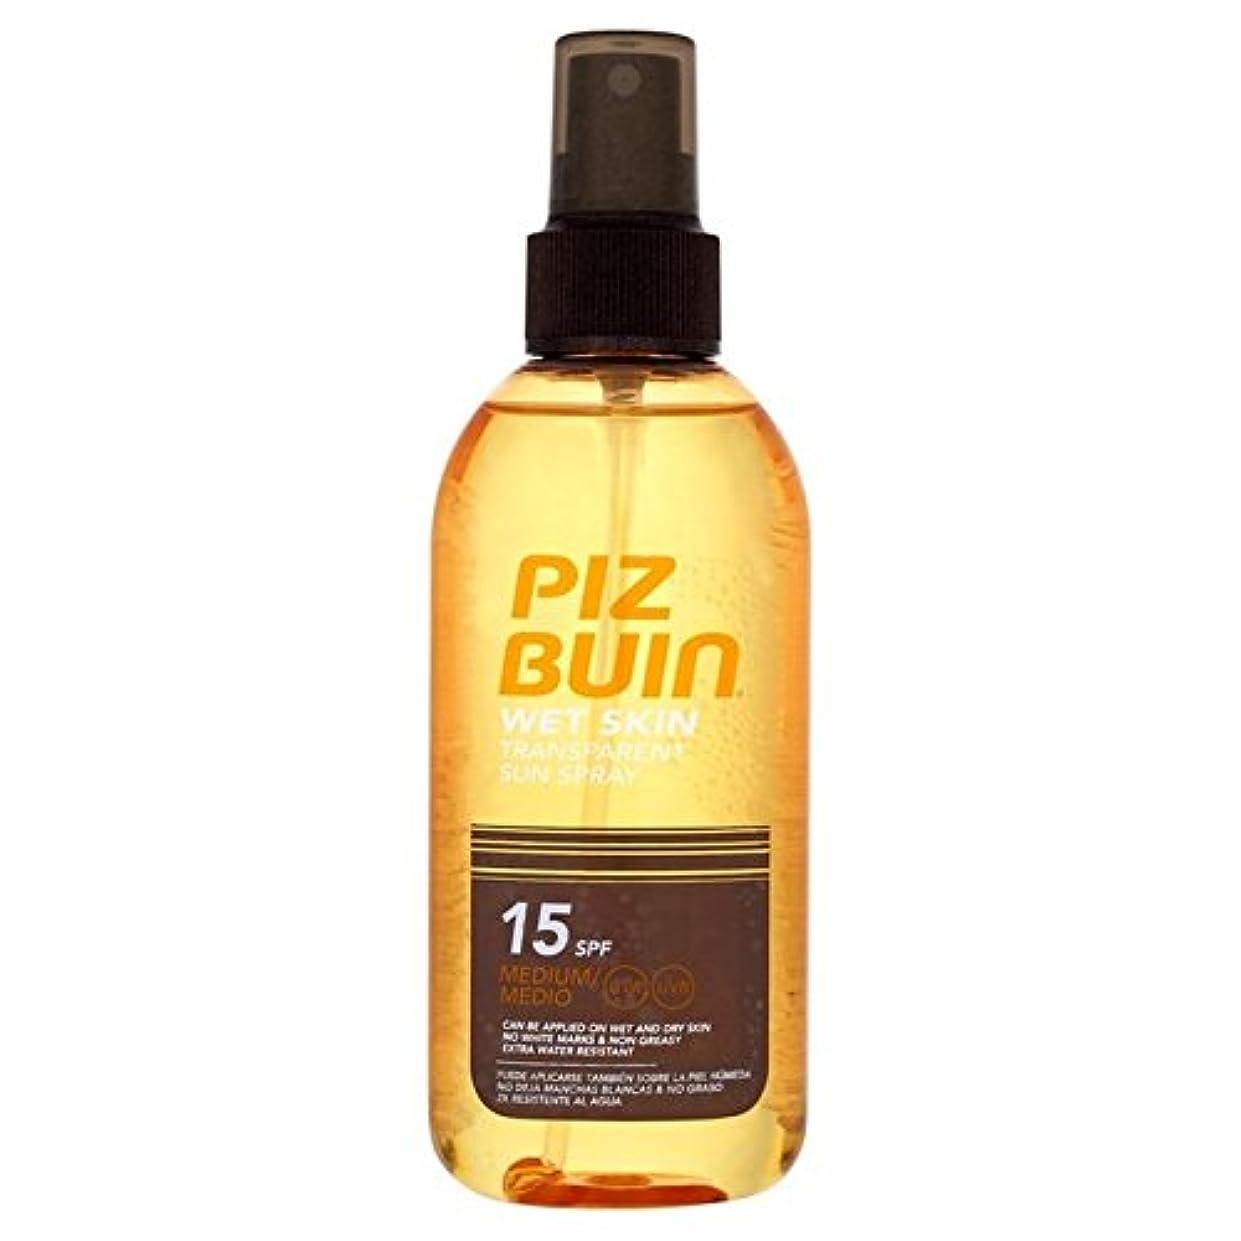 流行空虚侵略ピッツブーインの湿った透明肌15の150ミリリットル x4 - Piz Buin Wet Transparent Skin SPF15 150ml (Pack of 4) [並行輸入品]